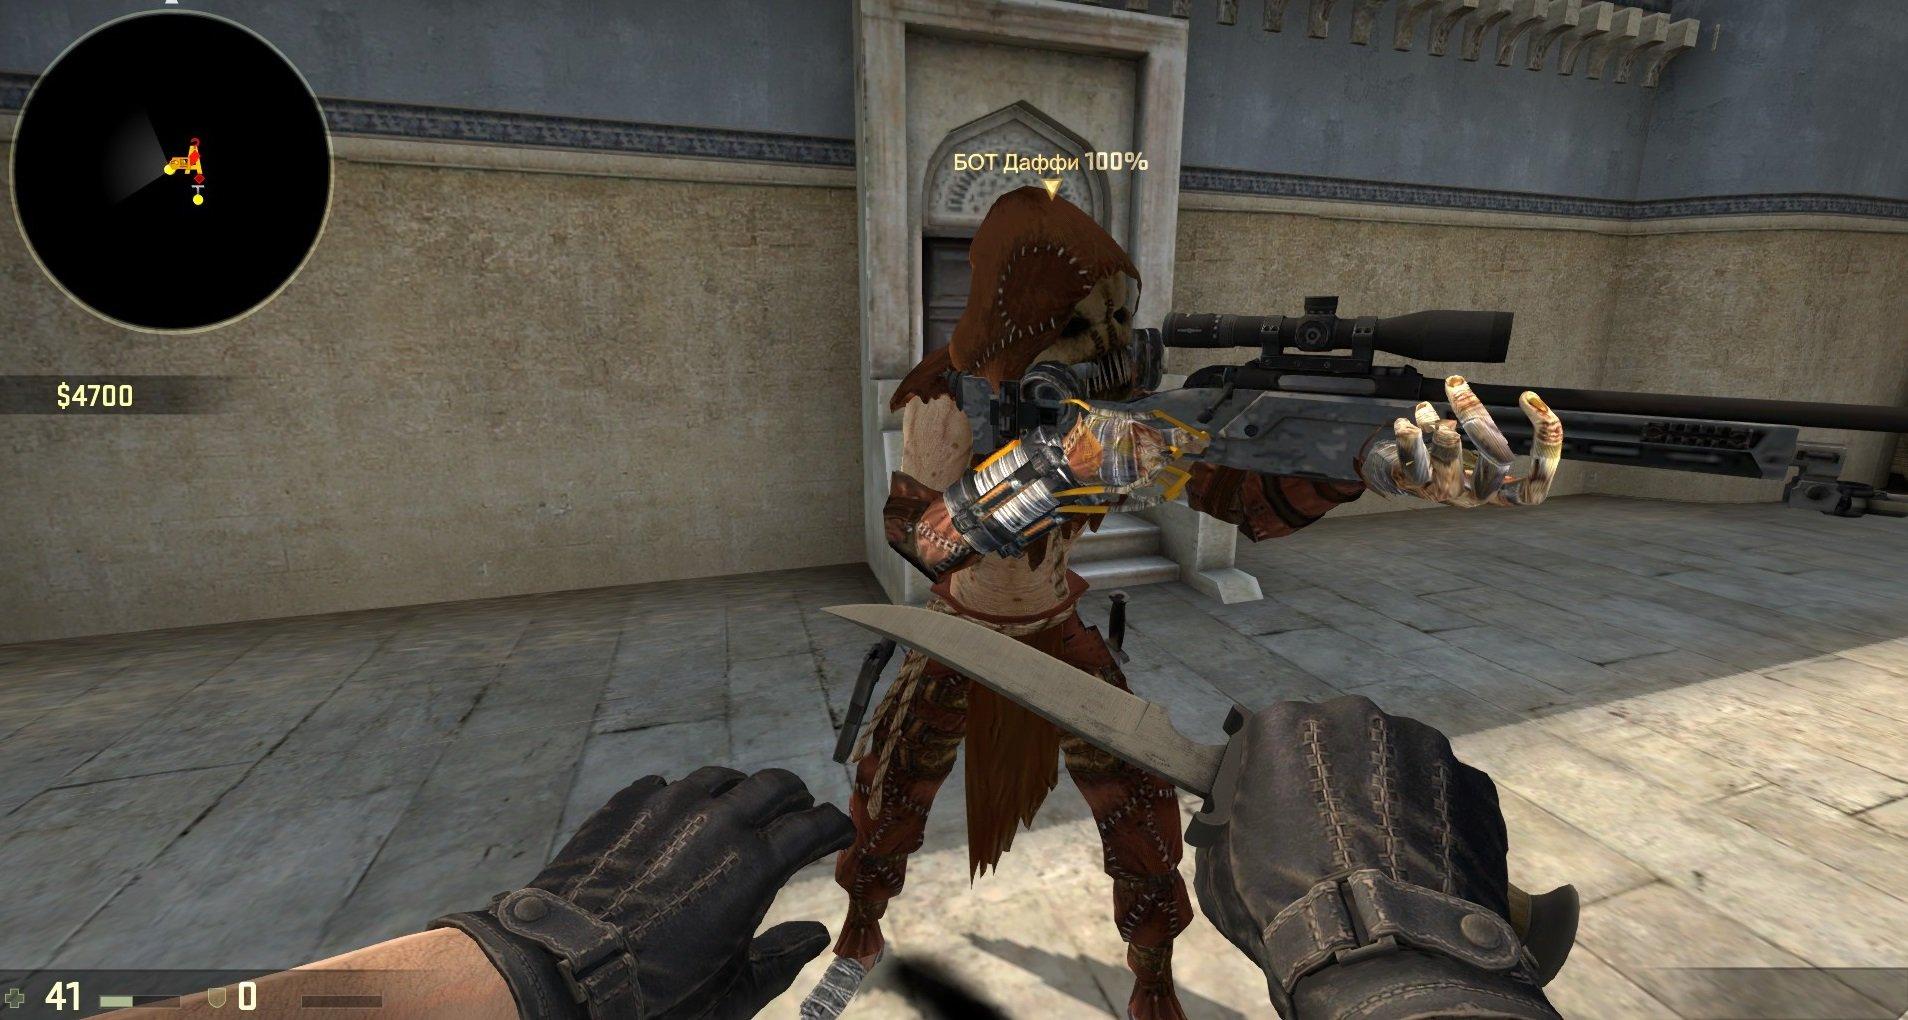 Скачать скин Scarecrow (Пугала) для CS:GO (Моделька)